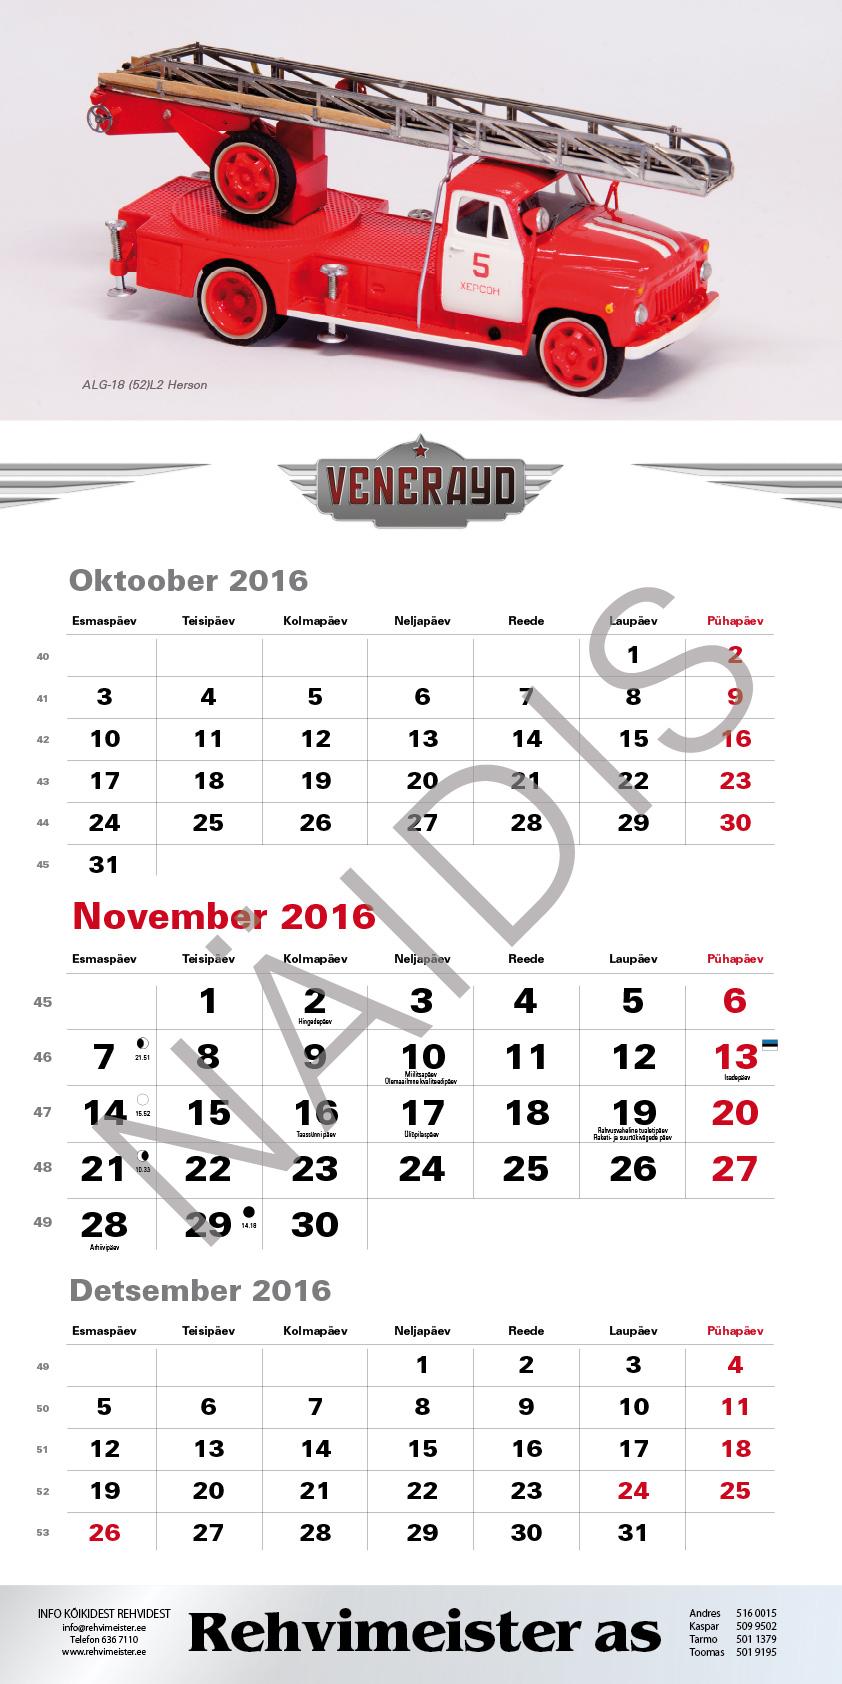 Veneraud_kalender_2016_12